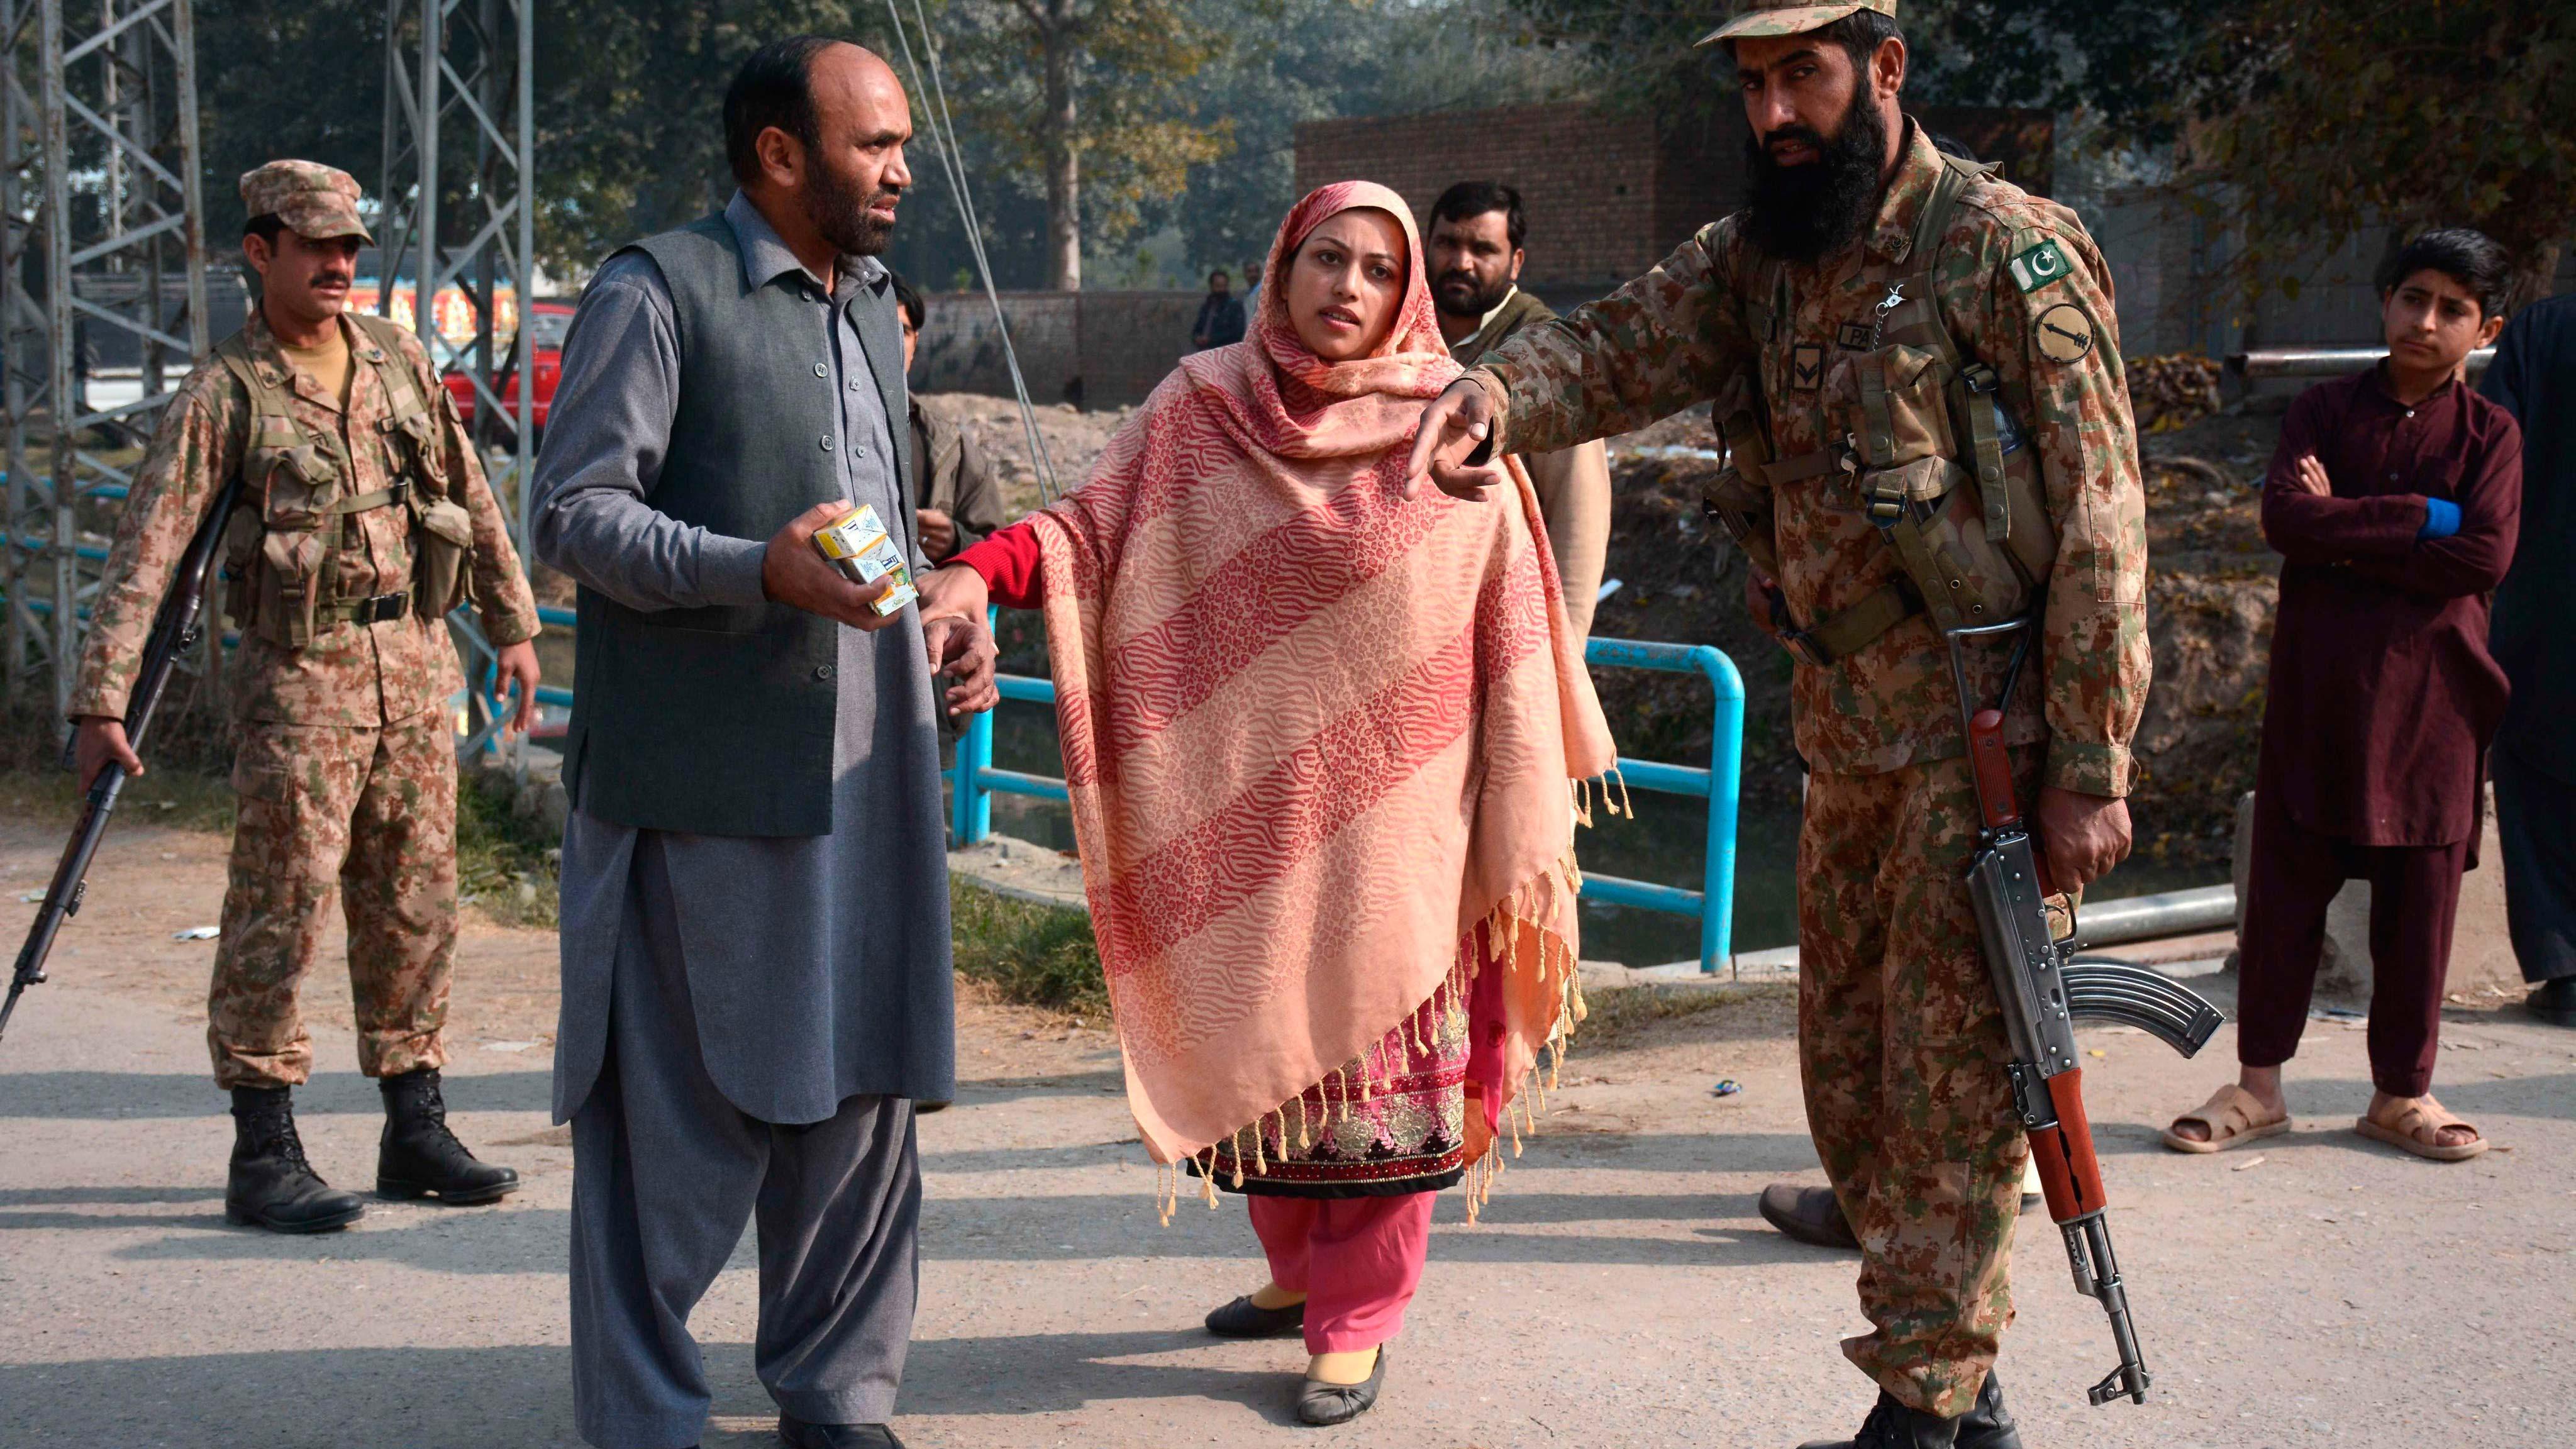 Unos padres preocupados por sus hijos hablan con un soldado tras el ataque talibán contra un colegio gestionado por el Ejército en Peshawar